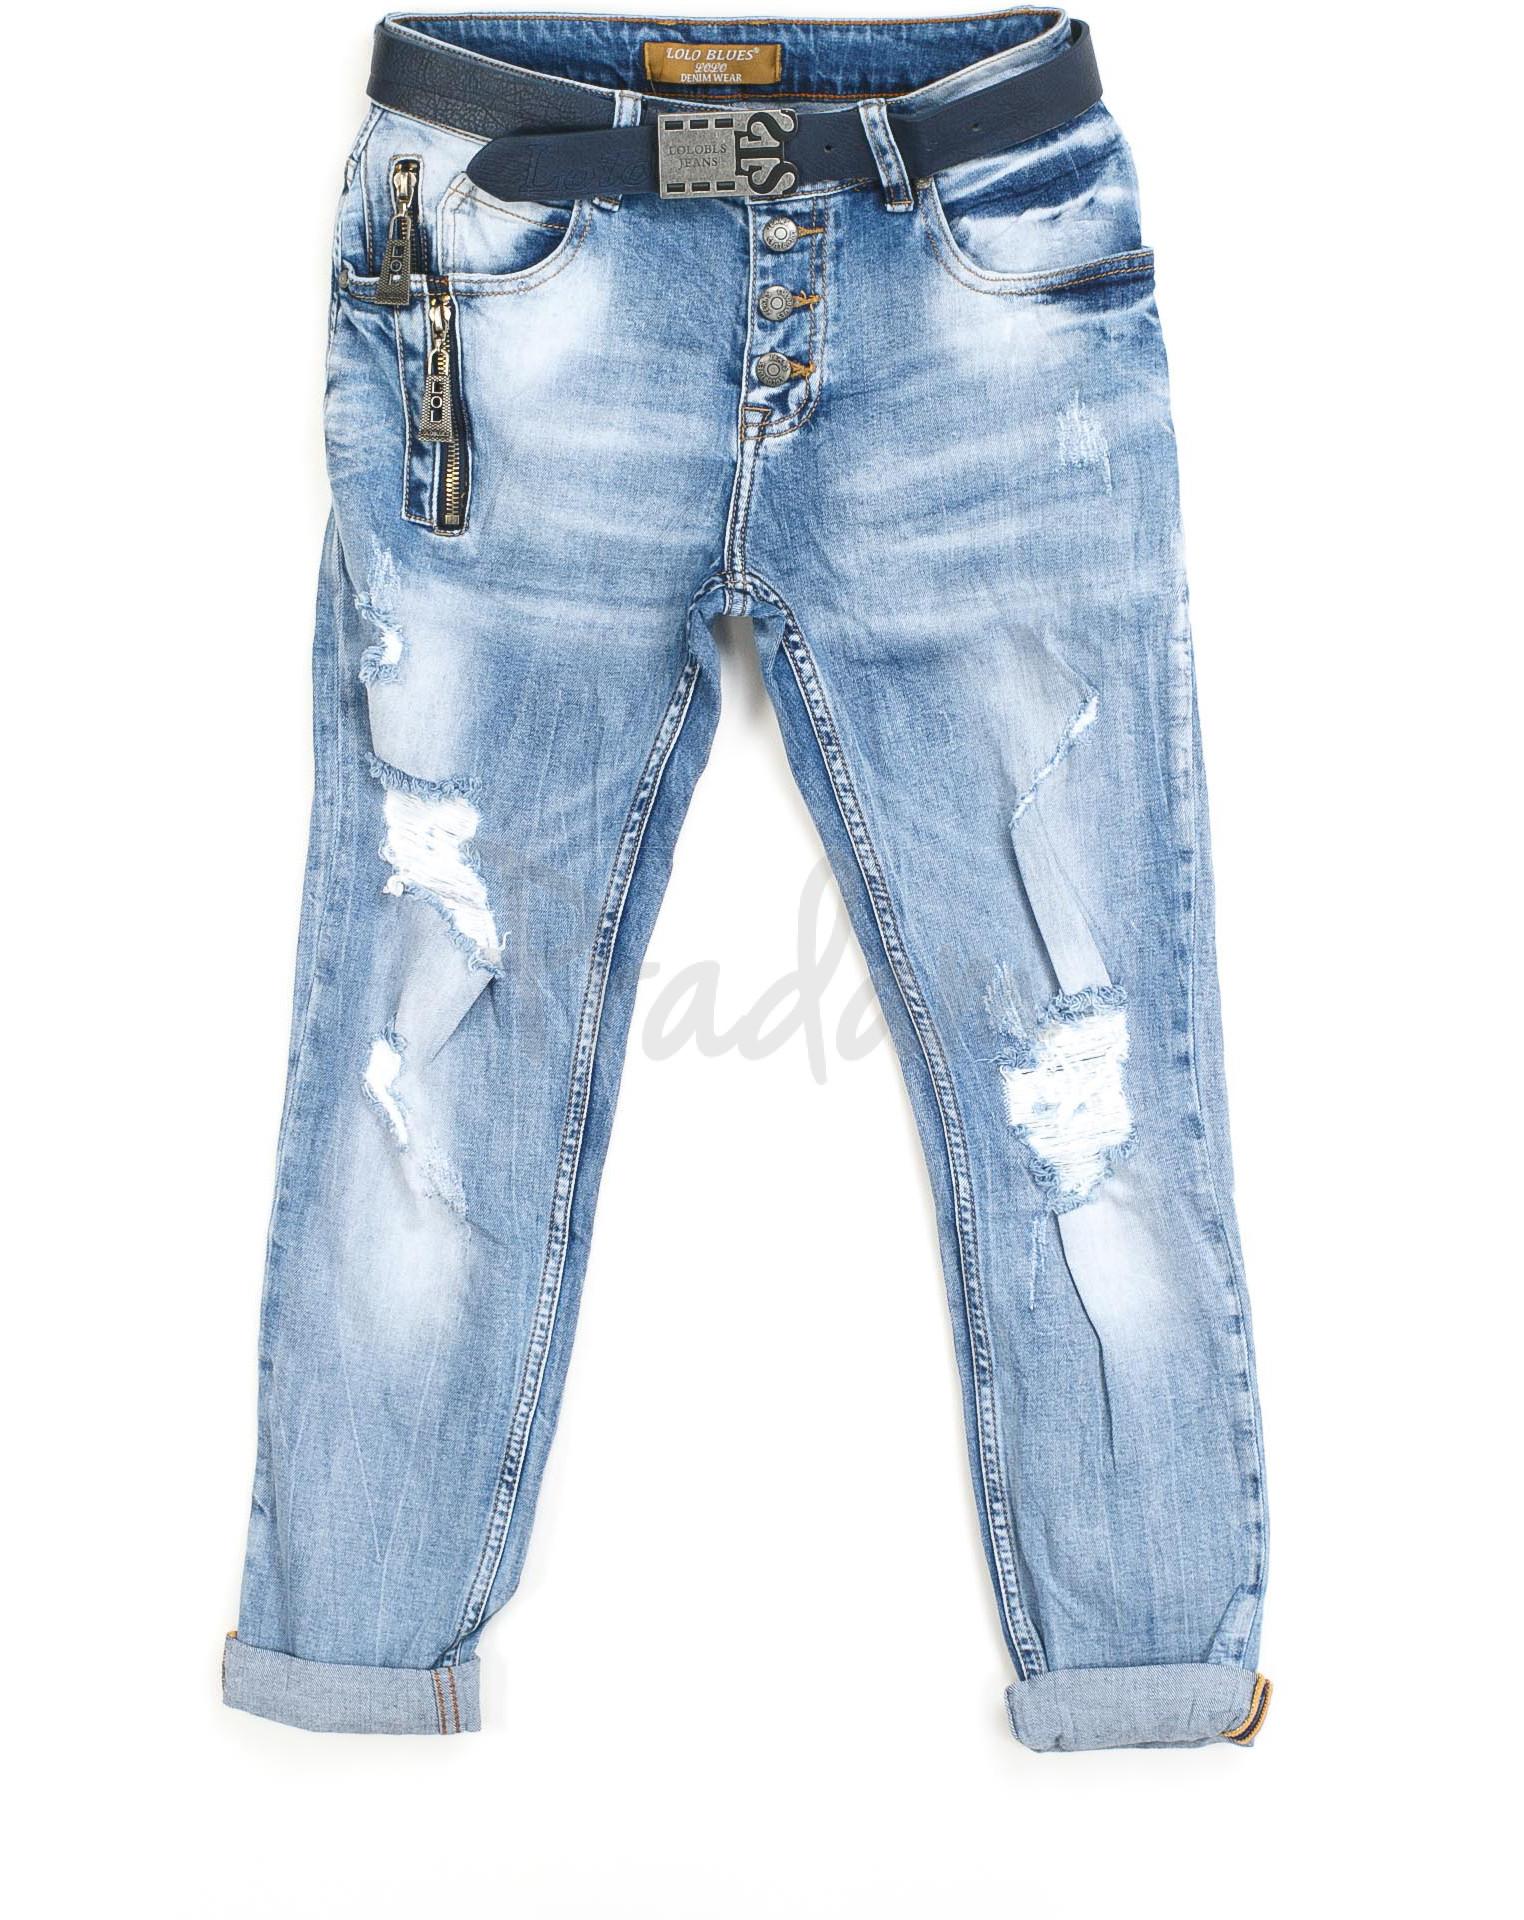 0ddefbcbf3b2e женские джинсы бойфренд на пуговицах 2110 (25-30, 6 ед.) Lolo Blues ...